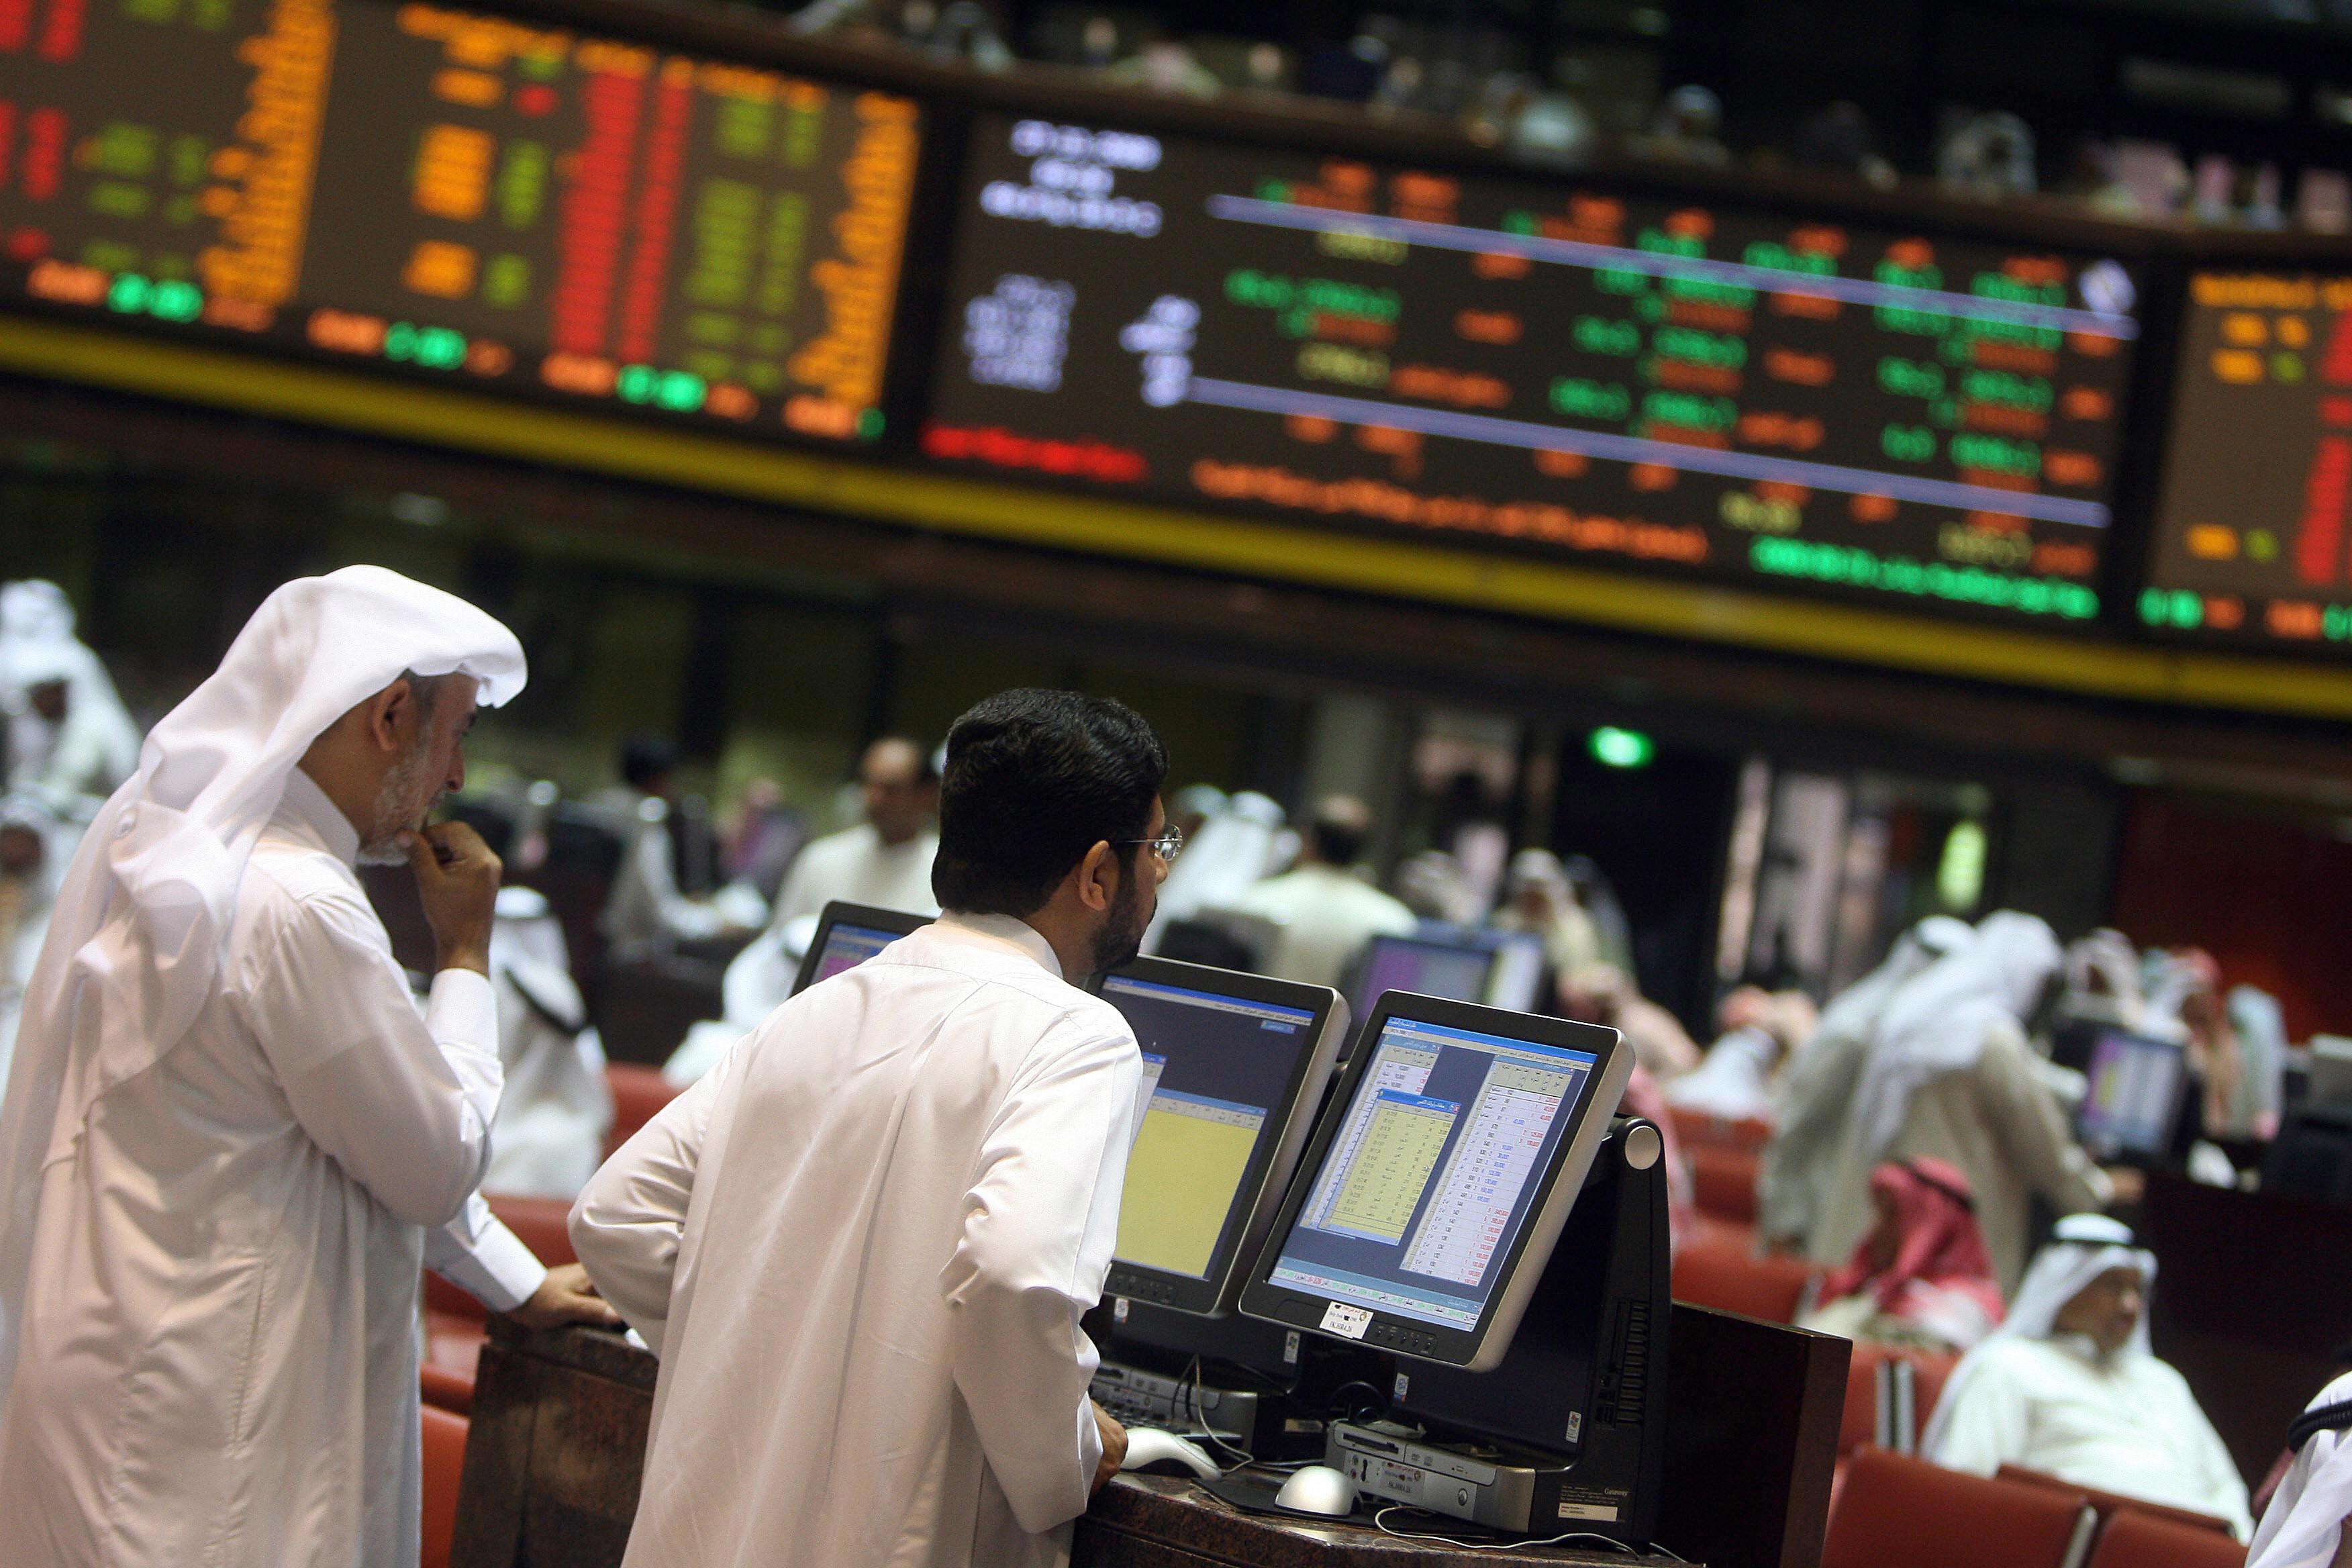 الرئيس التنفيذي: بورصة الكويت ستصبح شركة خاصة اعتبارا من الخميس المقبل